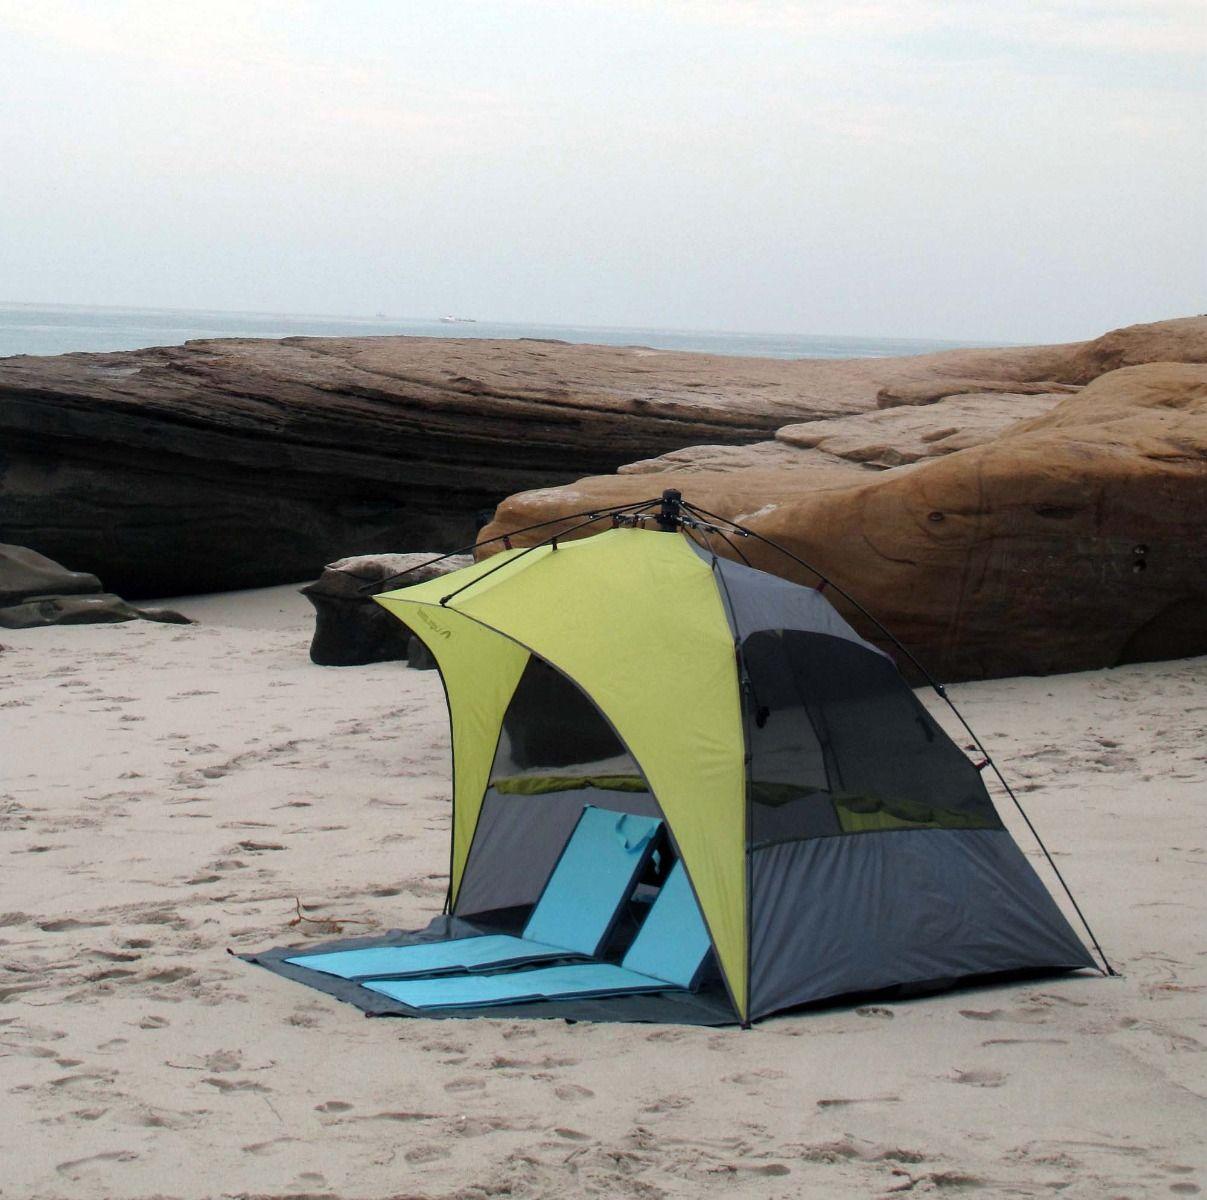 Sun Shelter Outdoor Gear Outdoor Beach